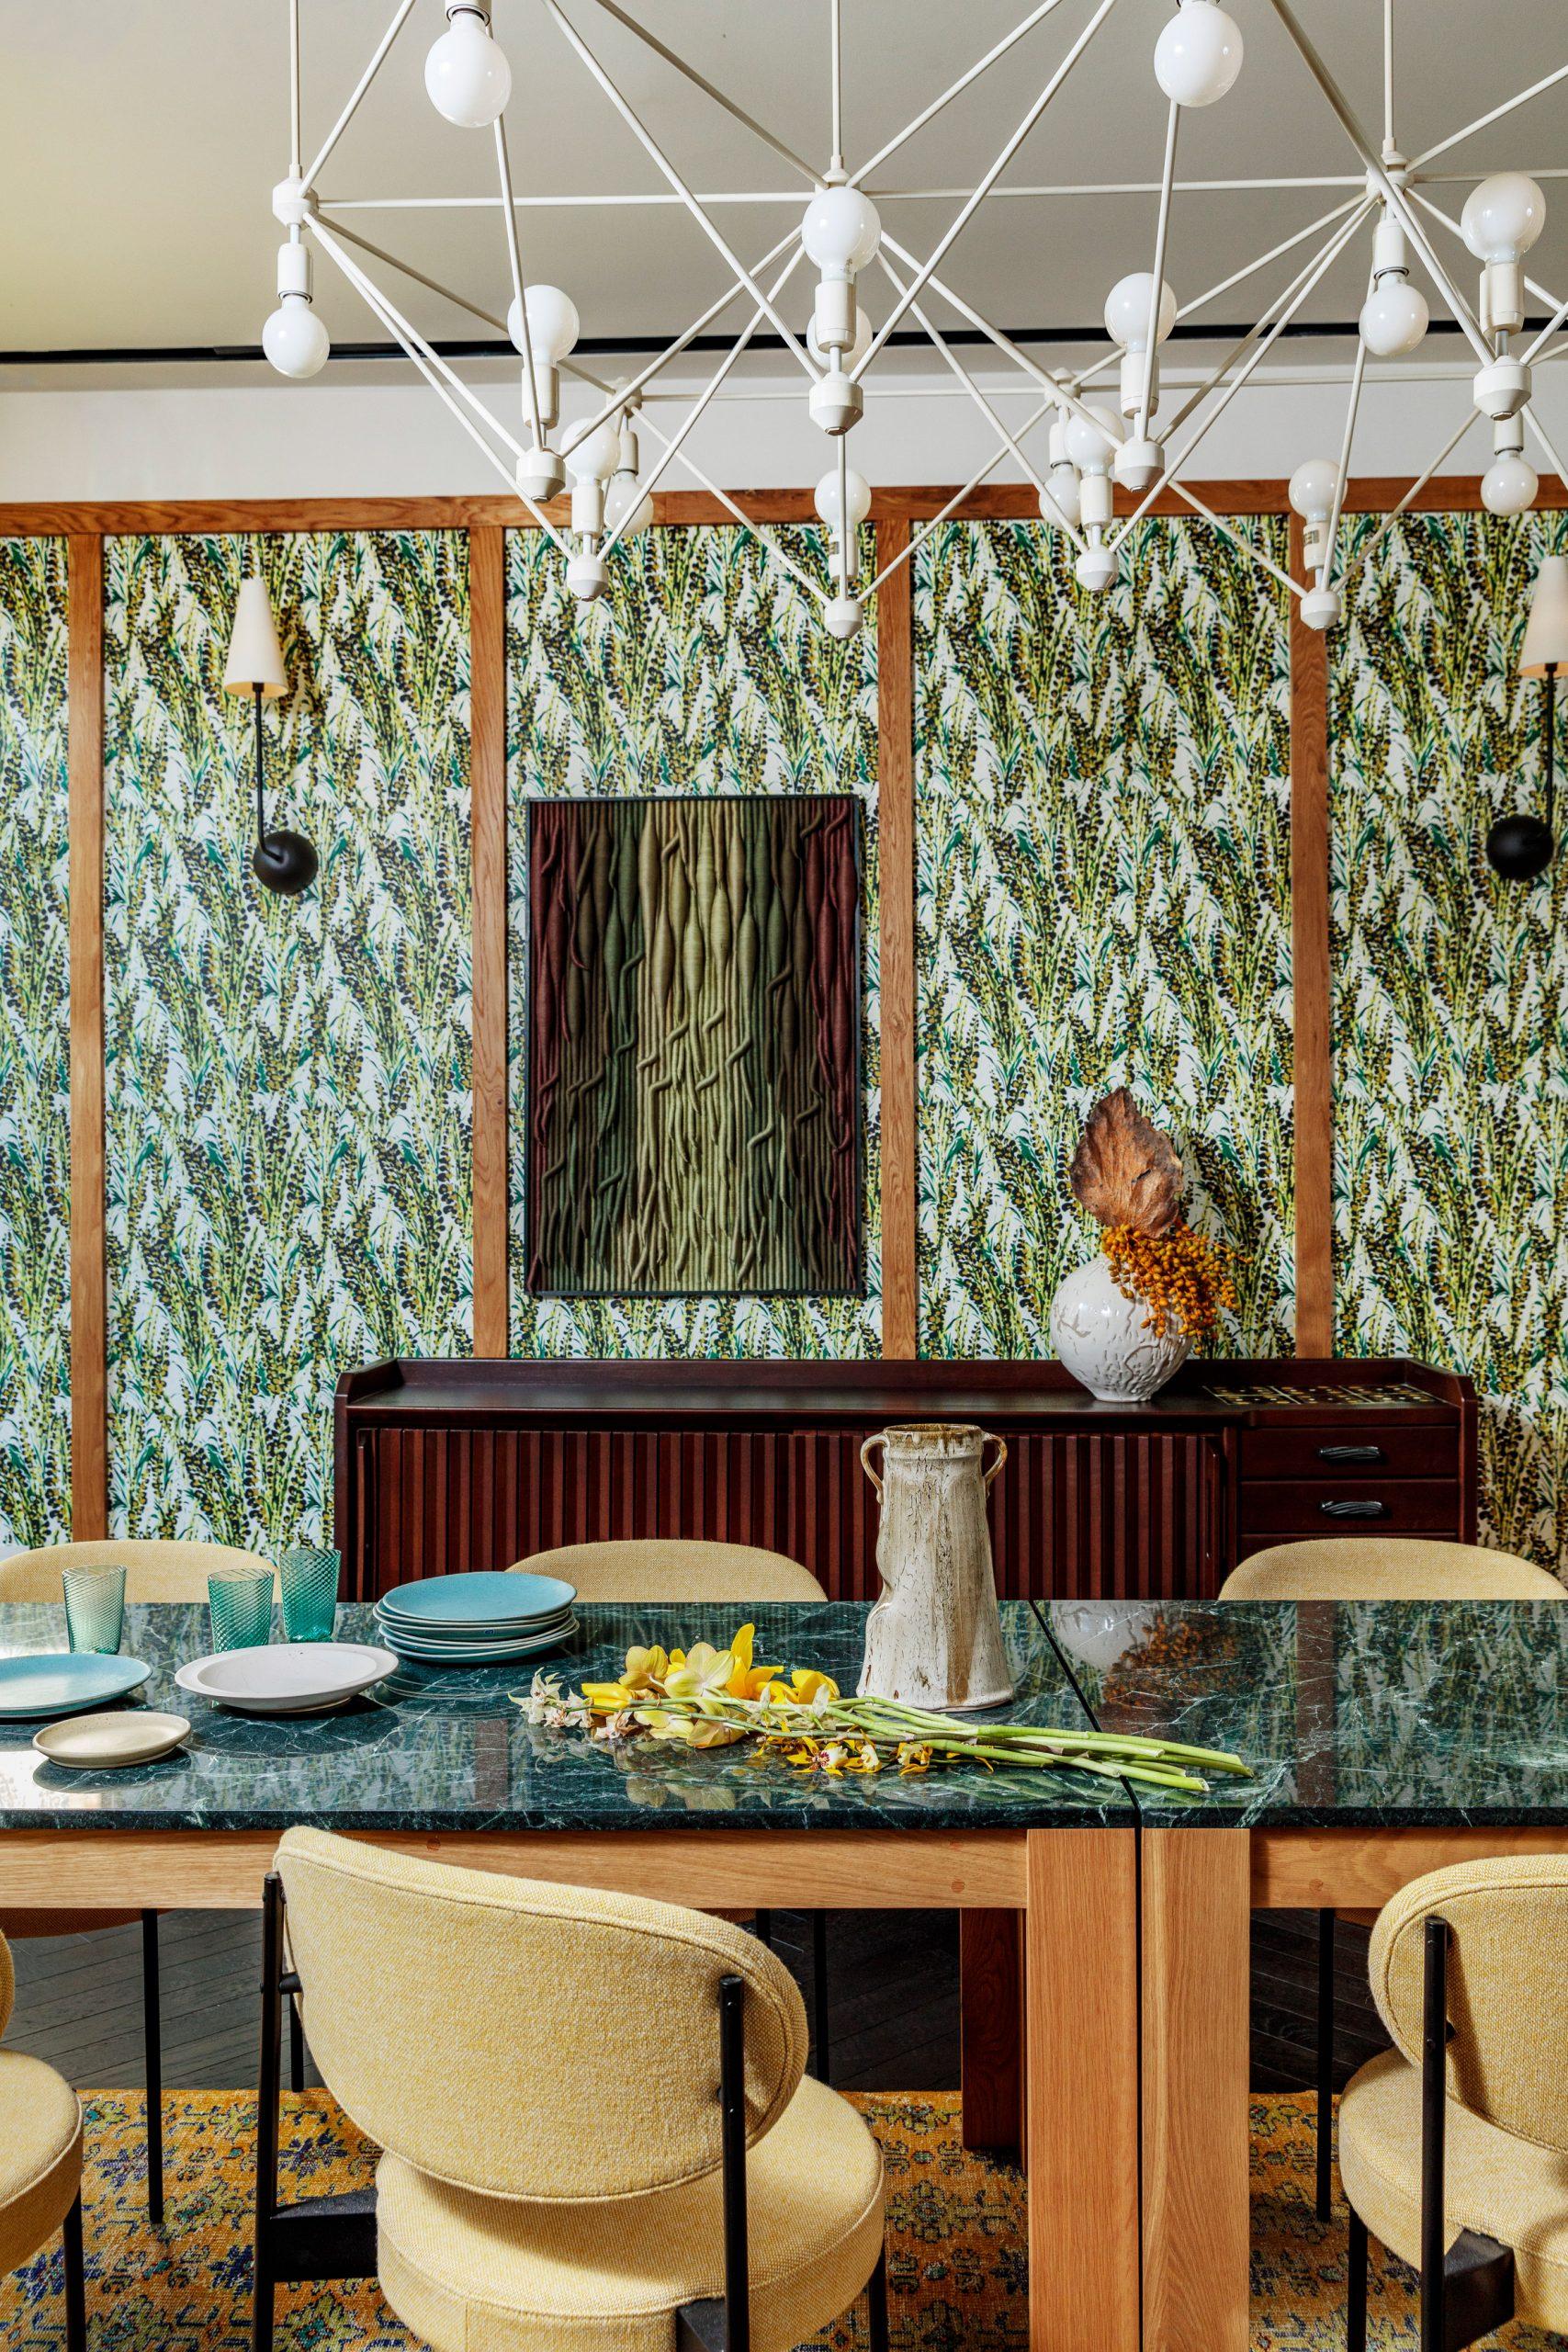 Patterned green wallpaper in Austin hotel